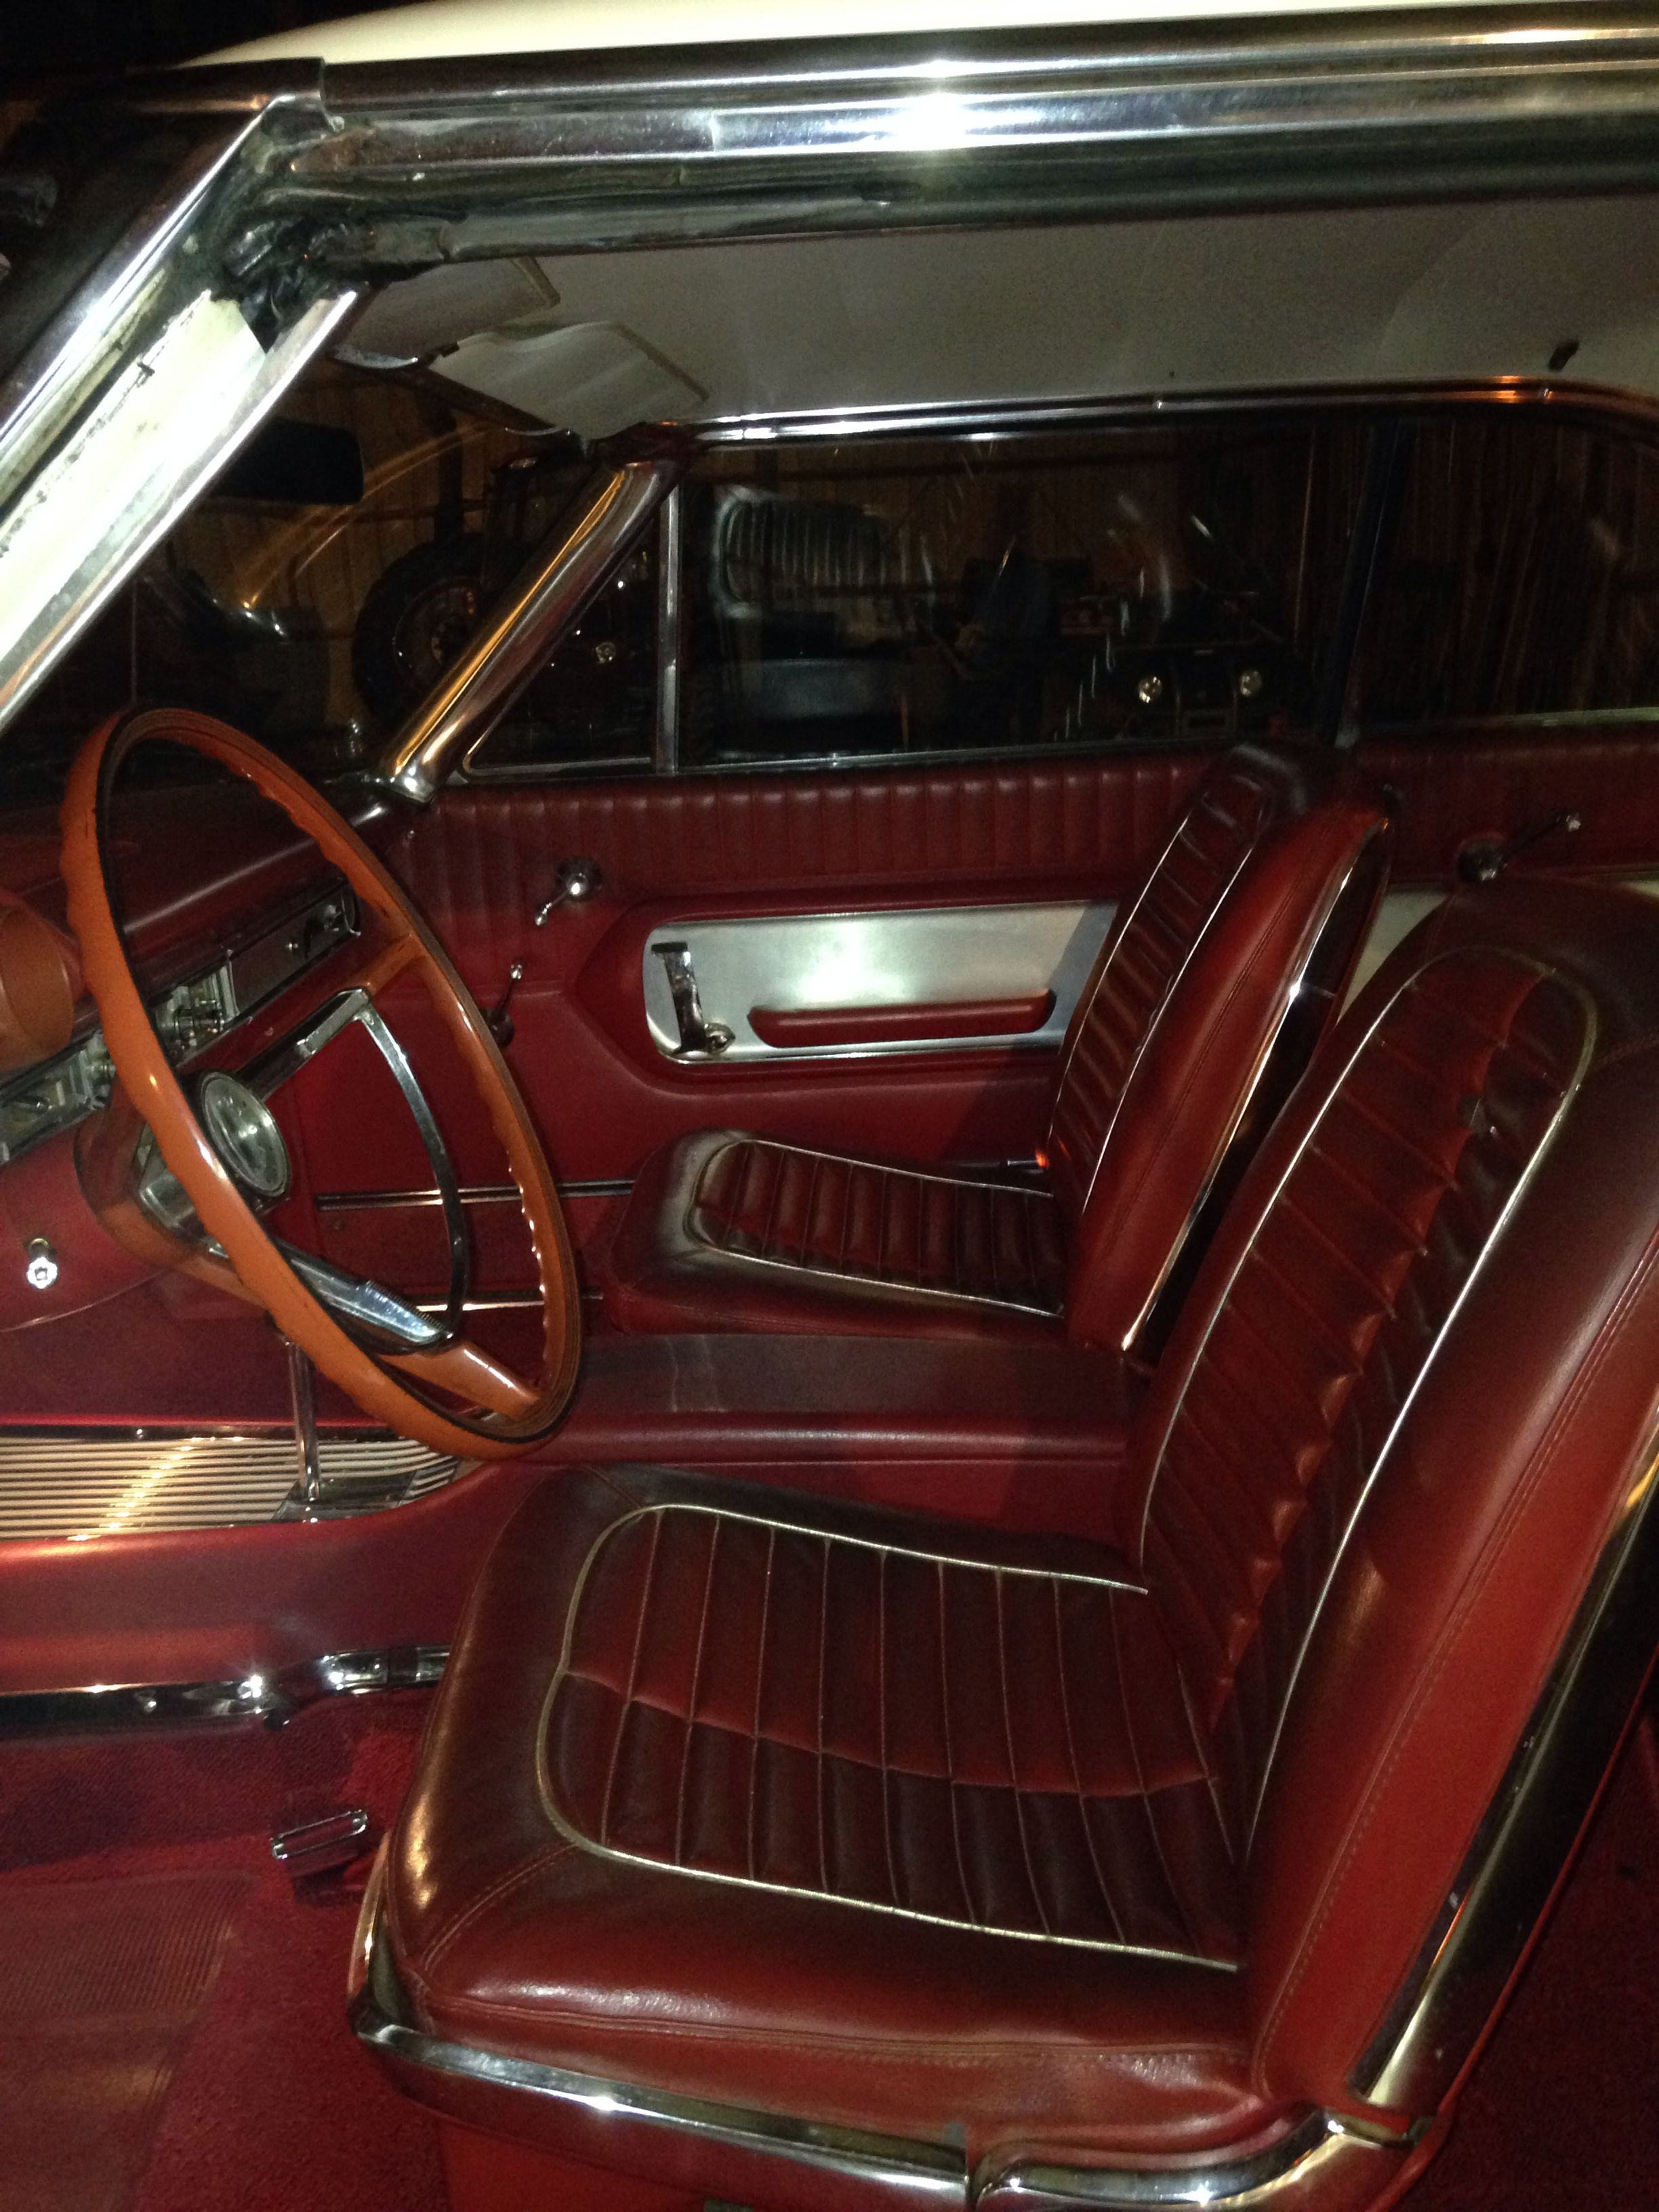 1964 Galaxie 500 Xl Interior Galaxie Classic Cars Vintage Cars